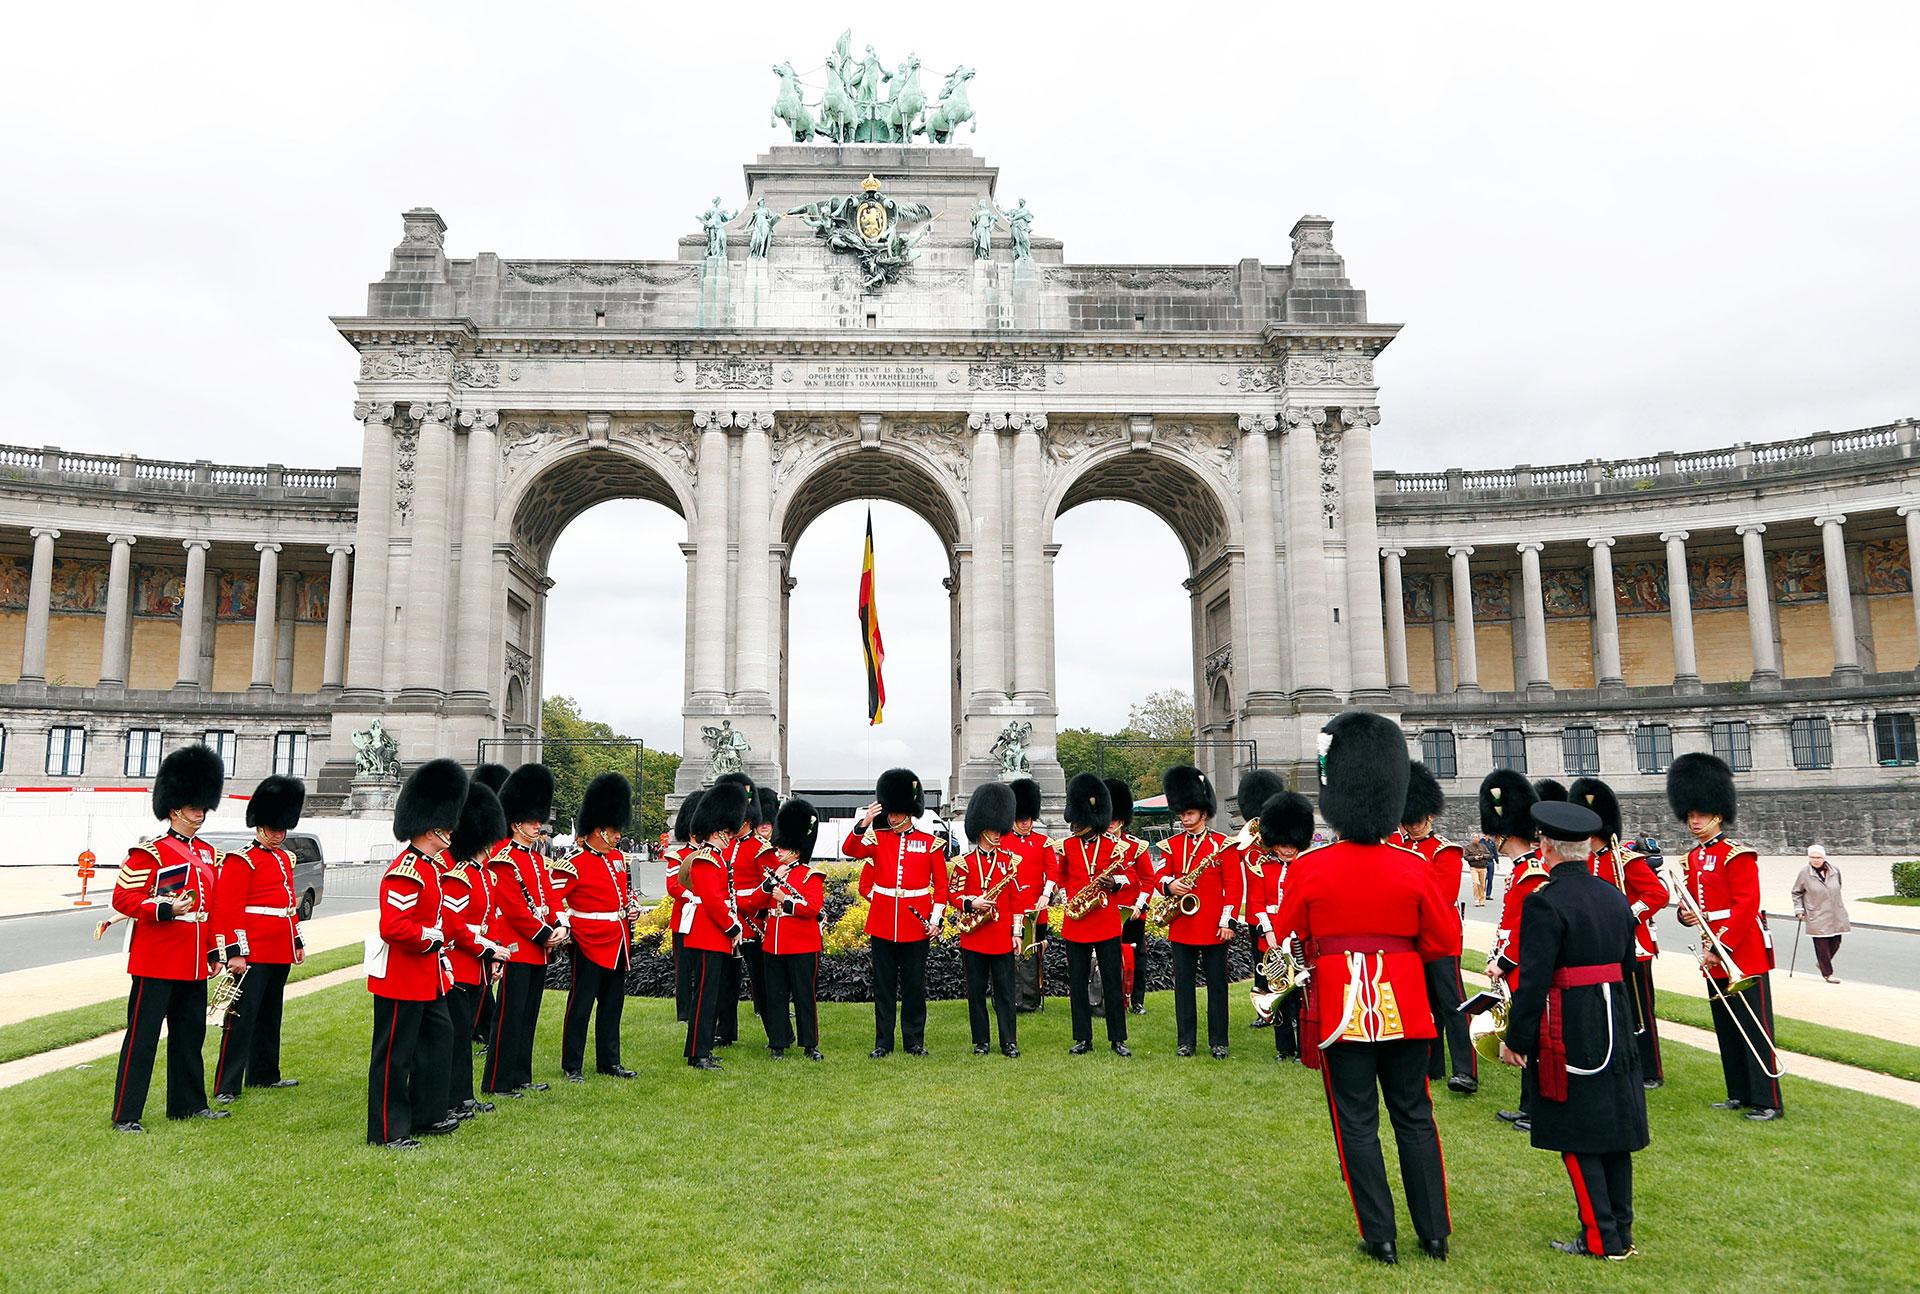 La banda de la guardia galesa se prepara para tocar (Reuters)